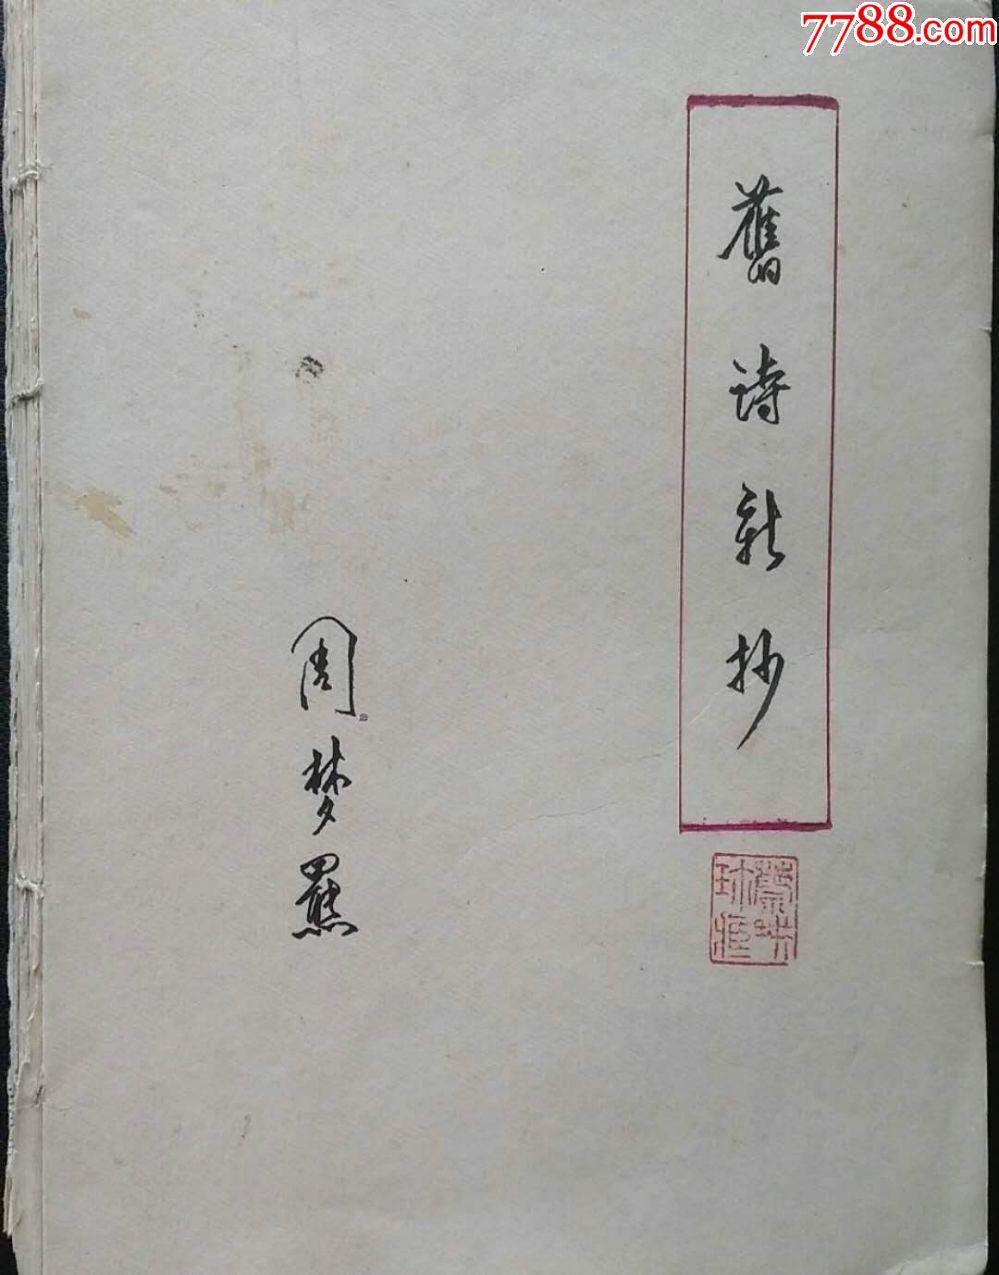 蔡耕旧藏周梦羆的《旧诗新抄和白香诗谱》2大本。《旧诗新抄》为作者1996年用硬笔_第1张_